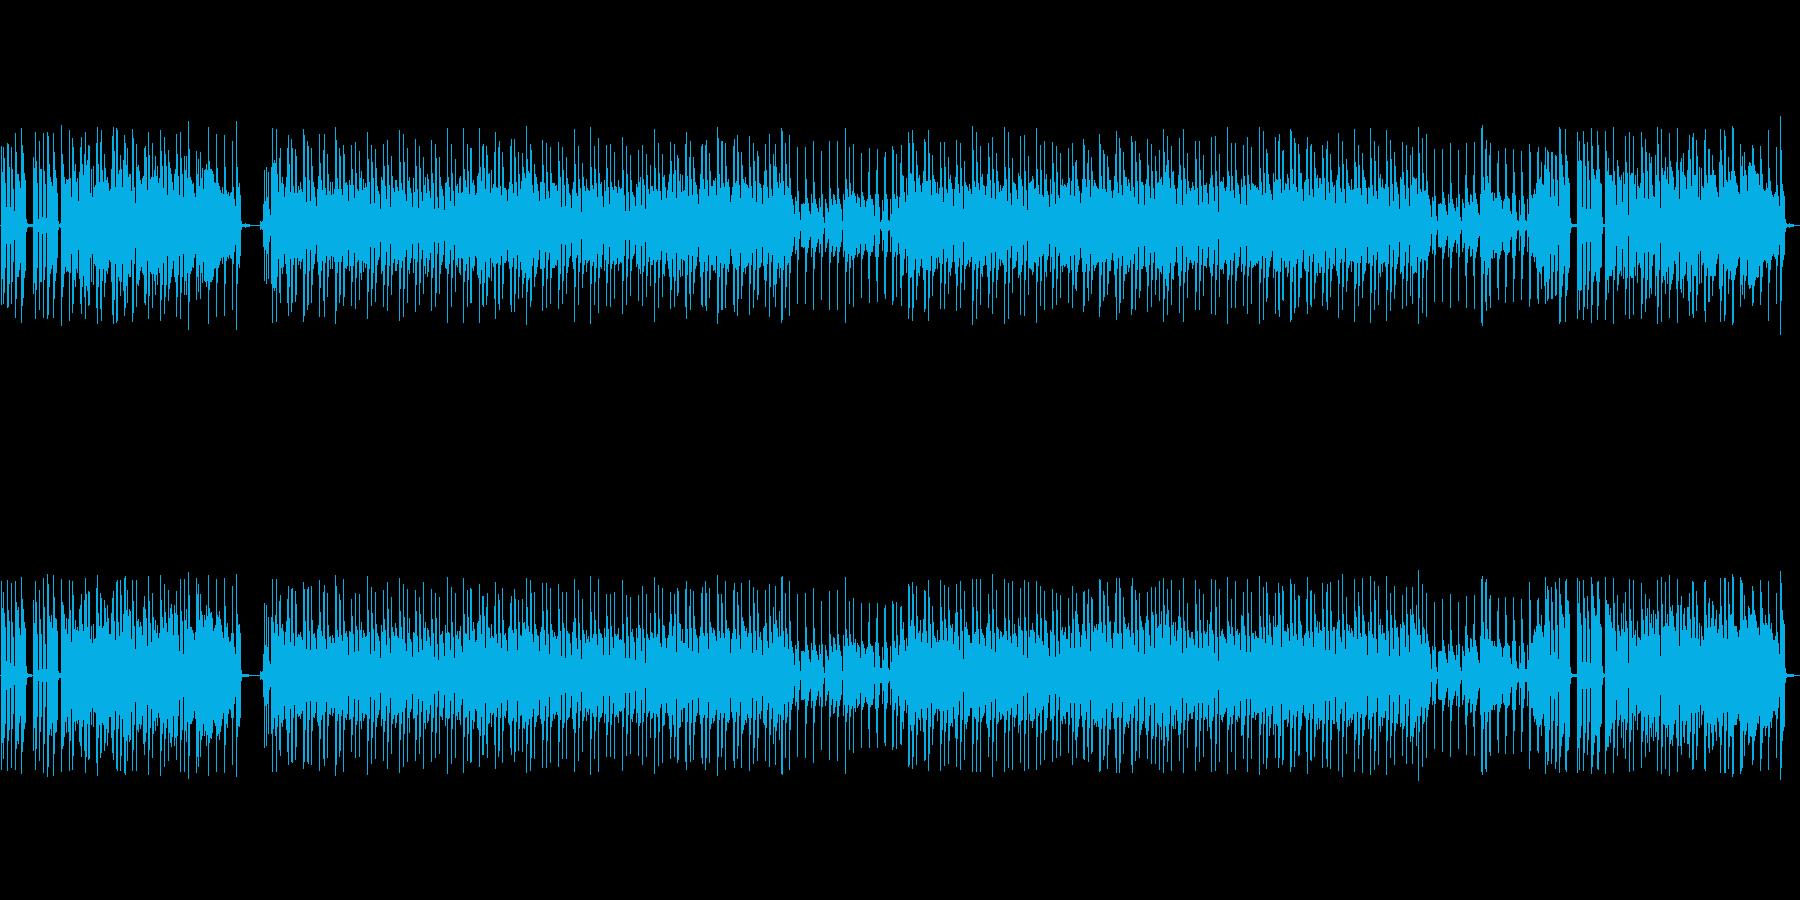 ニュース番組のオープニング風ファンクですの再生済みの波形